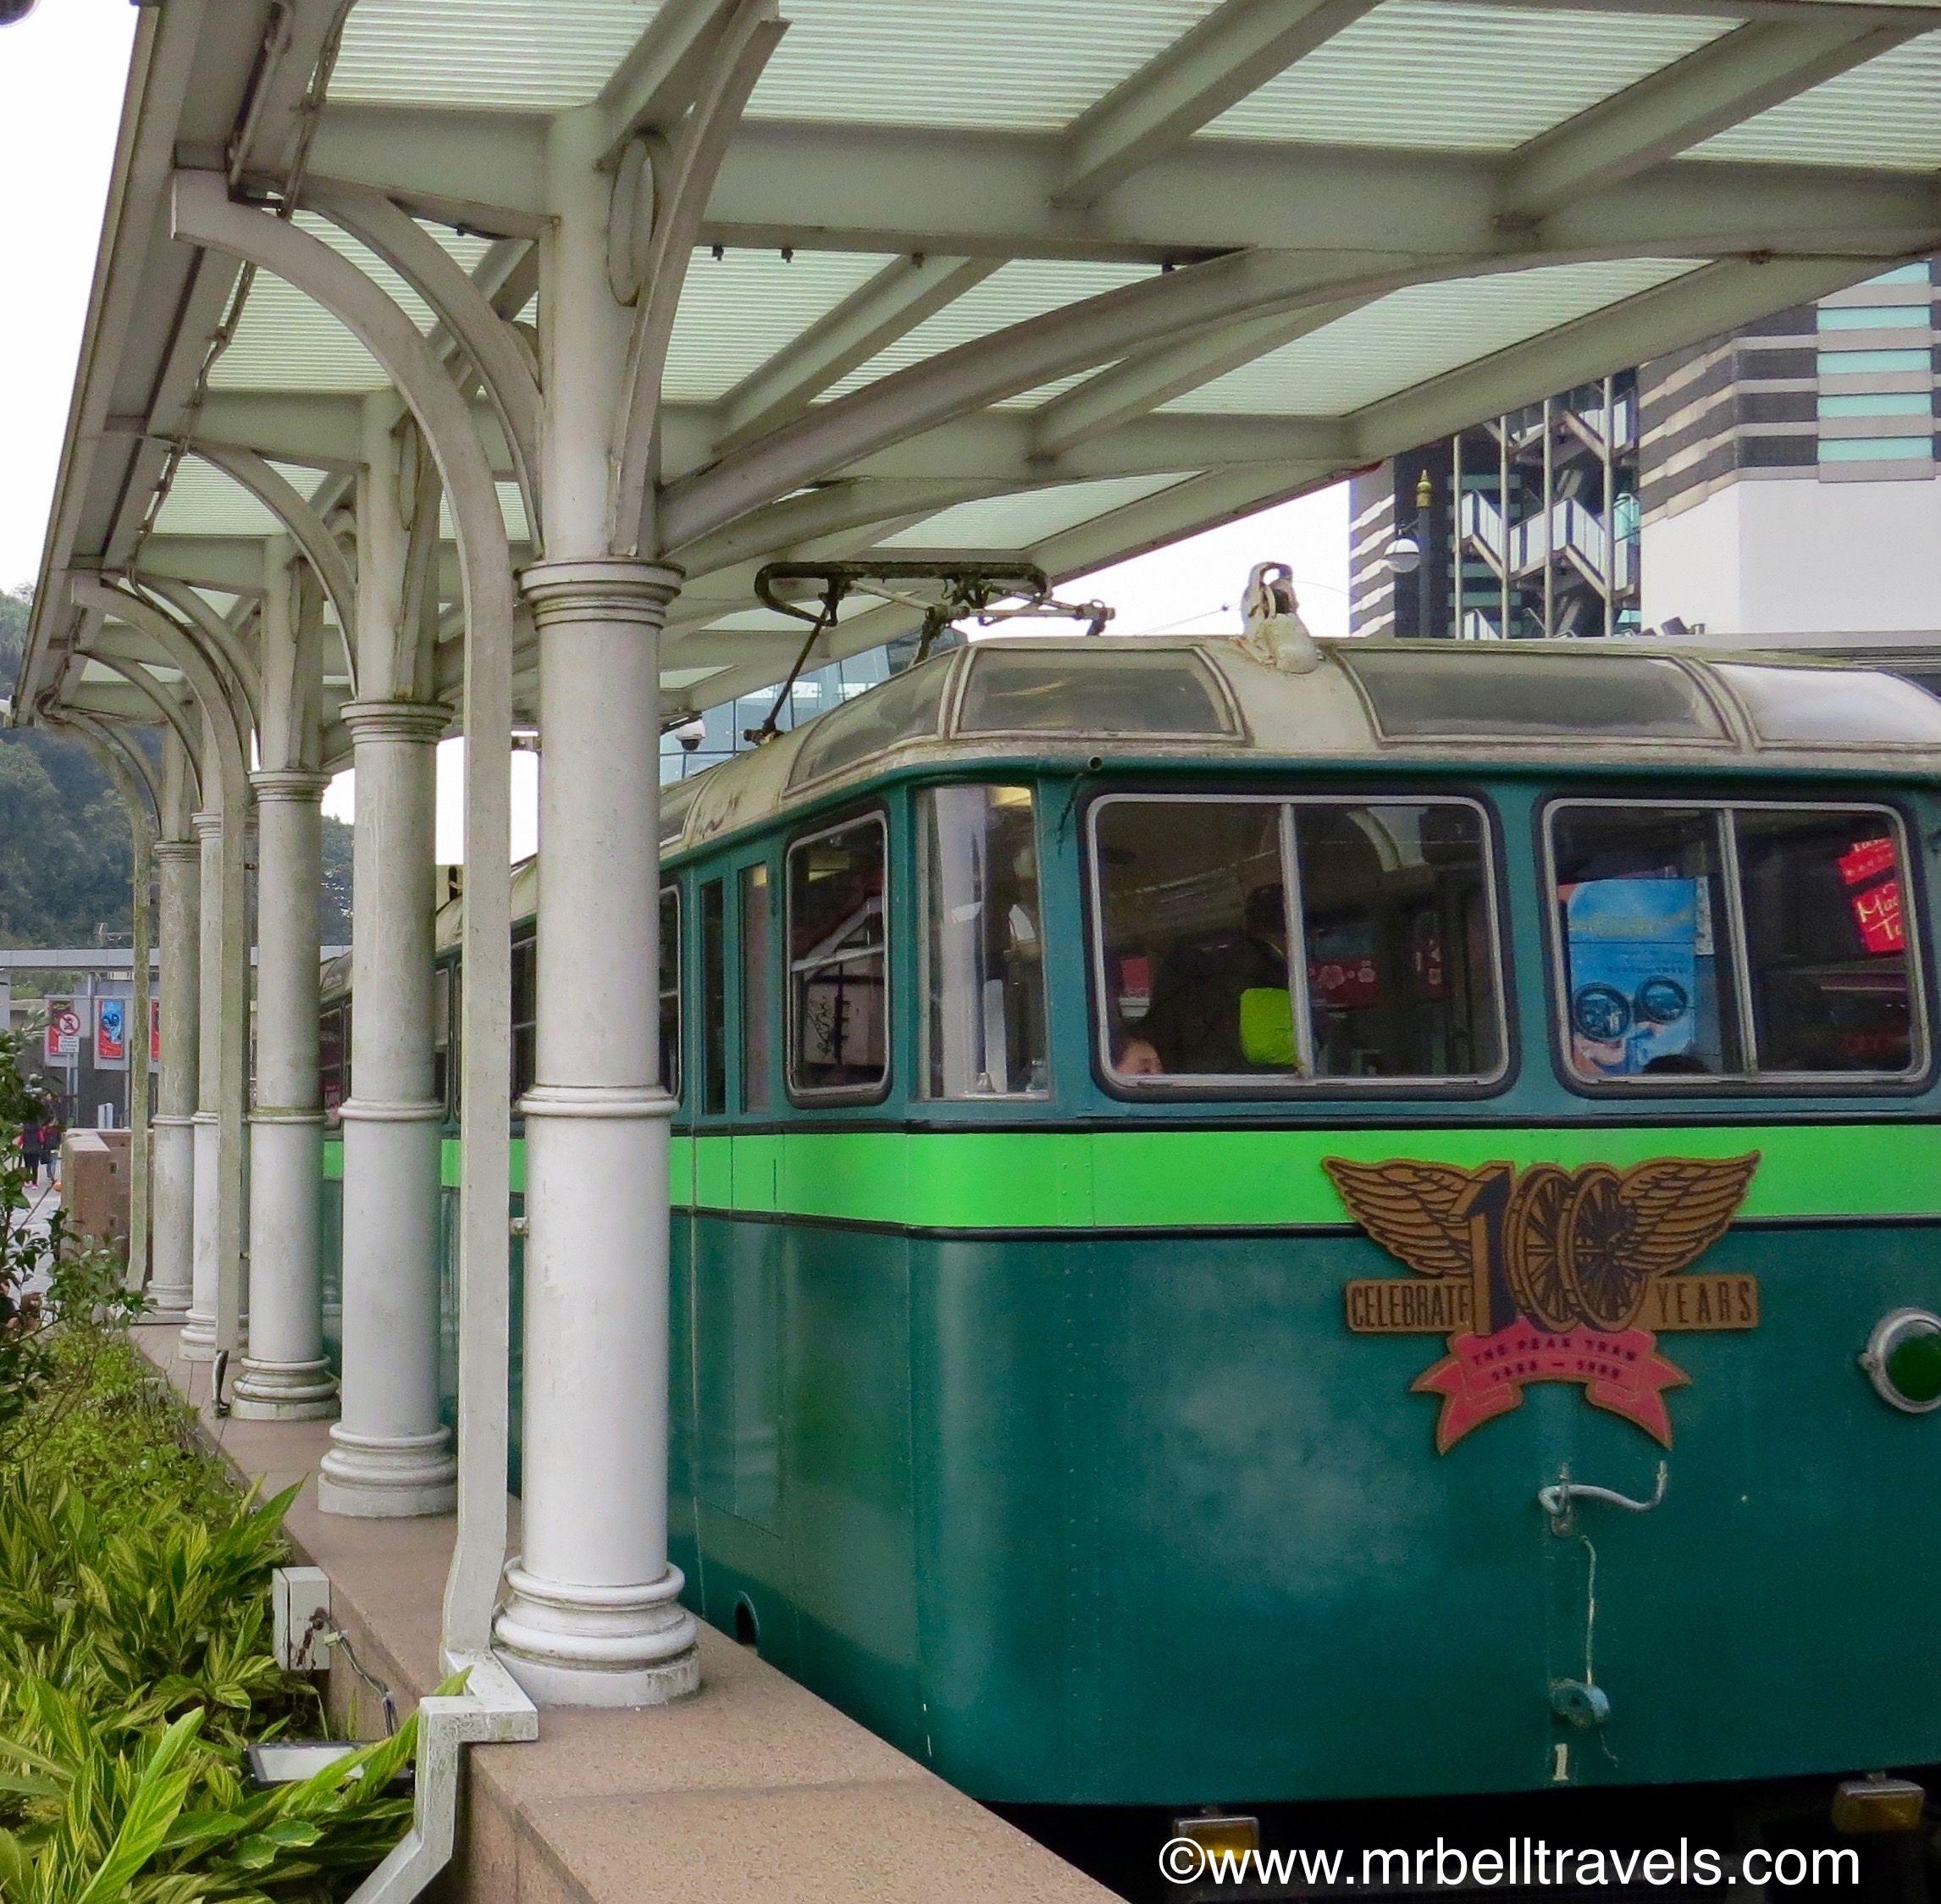 A Vintage Peak Tram Hong Kong